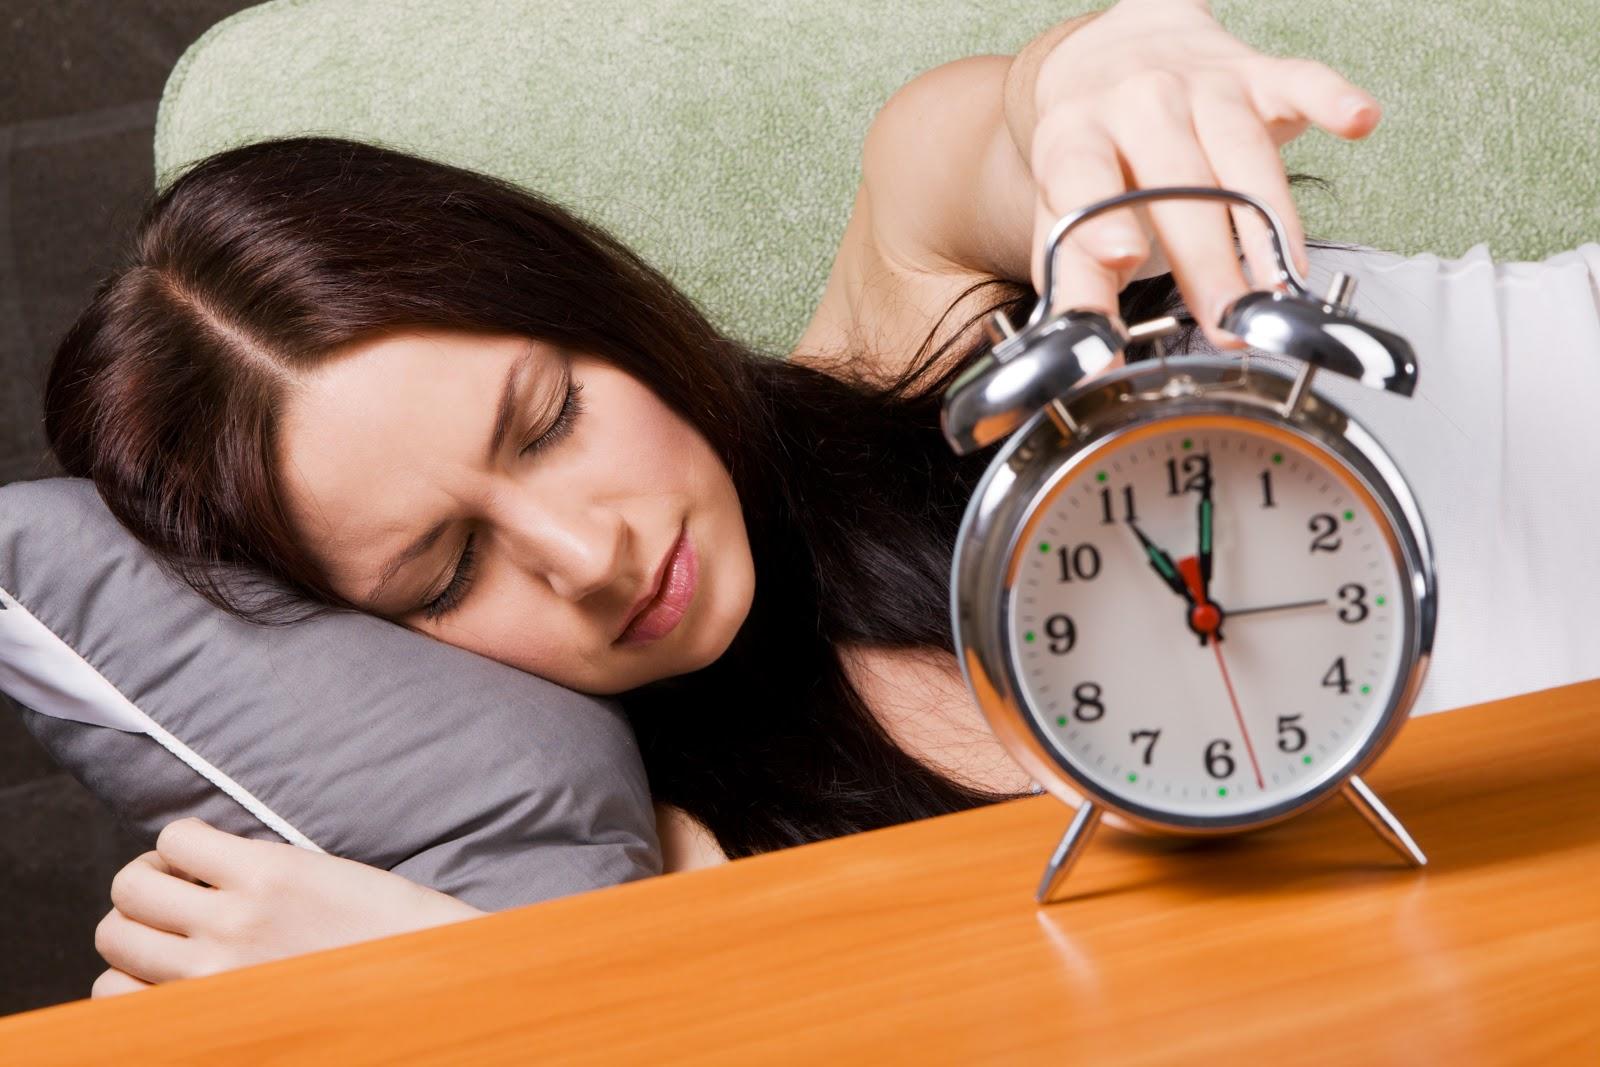 Cara Mengatasi Insomnia dengan Mudah dan Alami